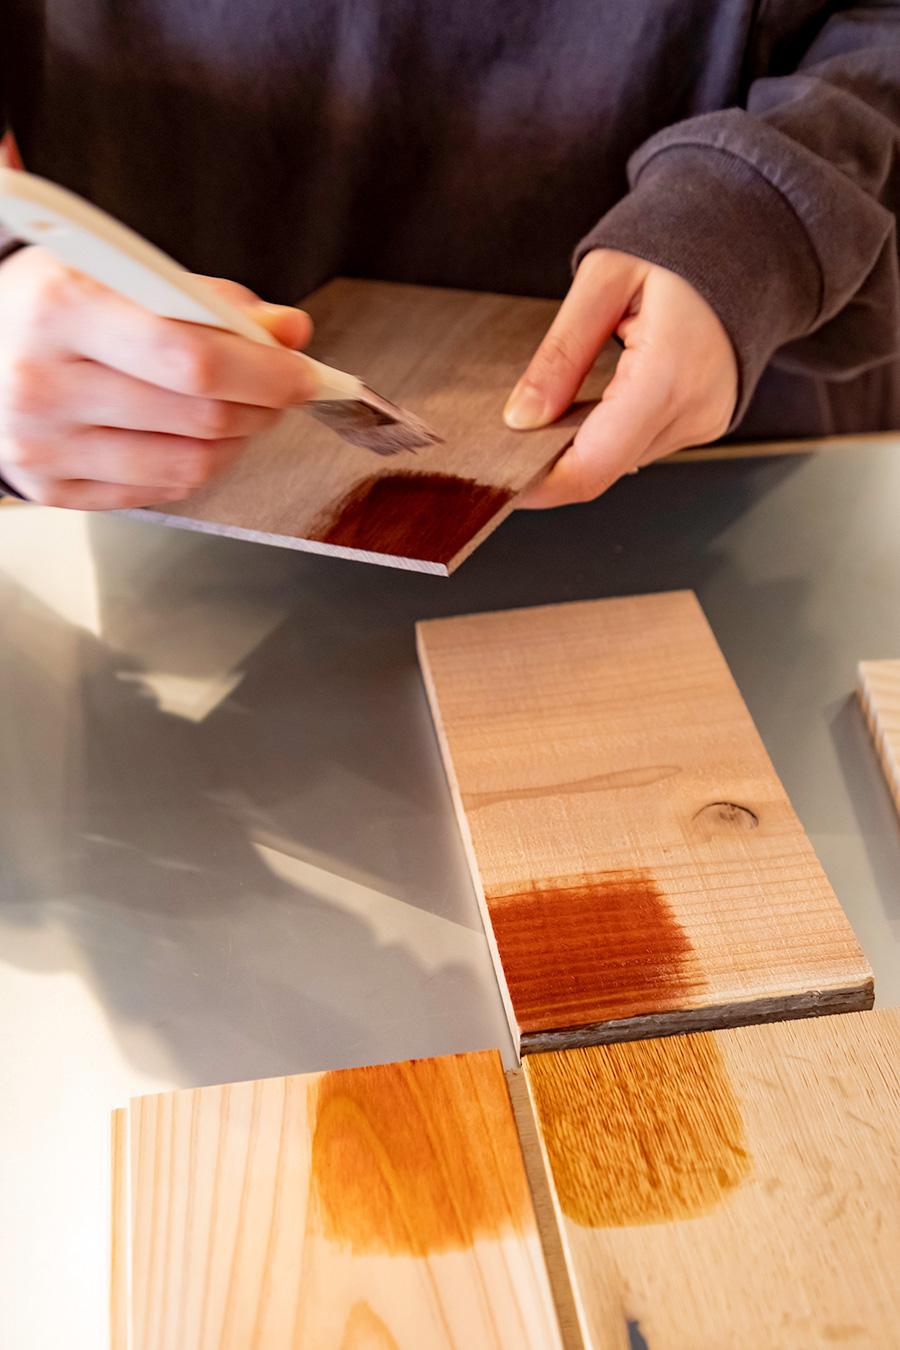 同色を塗っても木の素材によってこれだけ色に違いが出る。右手前がラスオークフローリング(オーク)、左手前が間伐材フローリング(杉)、右奥が足場板(杉)、手に持って塗っているのが壁材のスライスウッド(ウォルナット)。